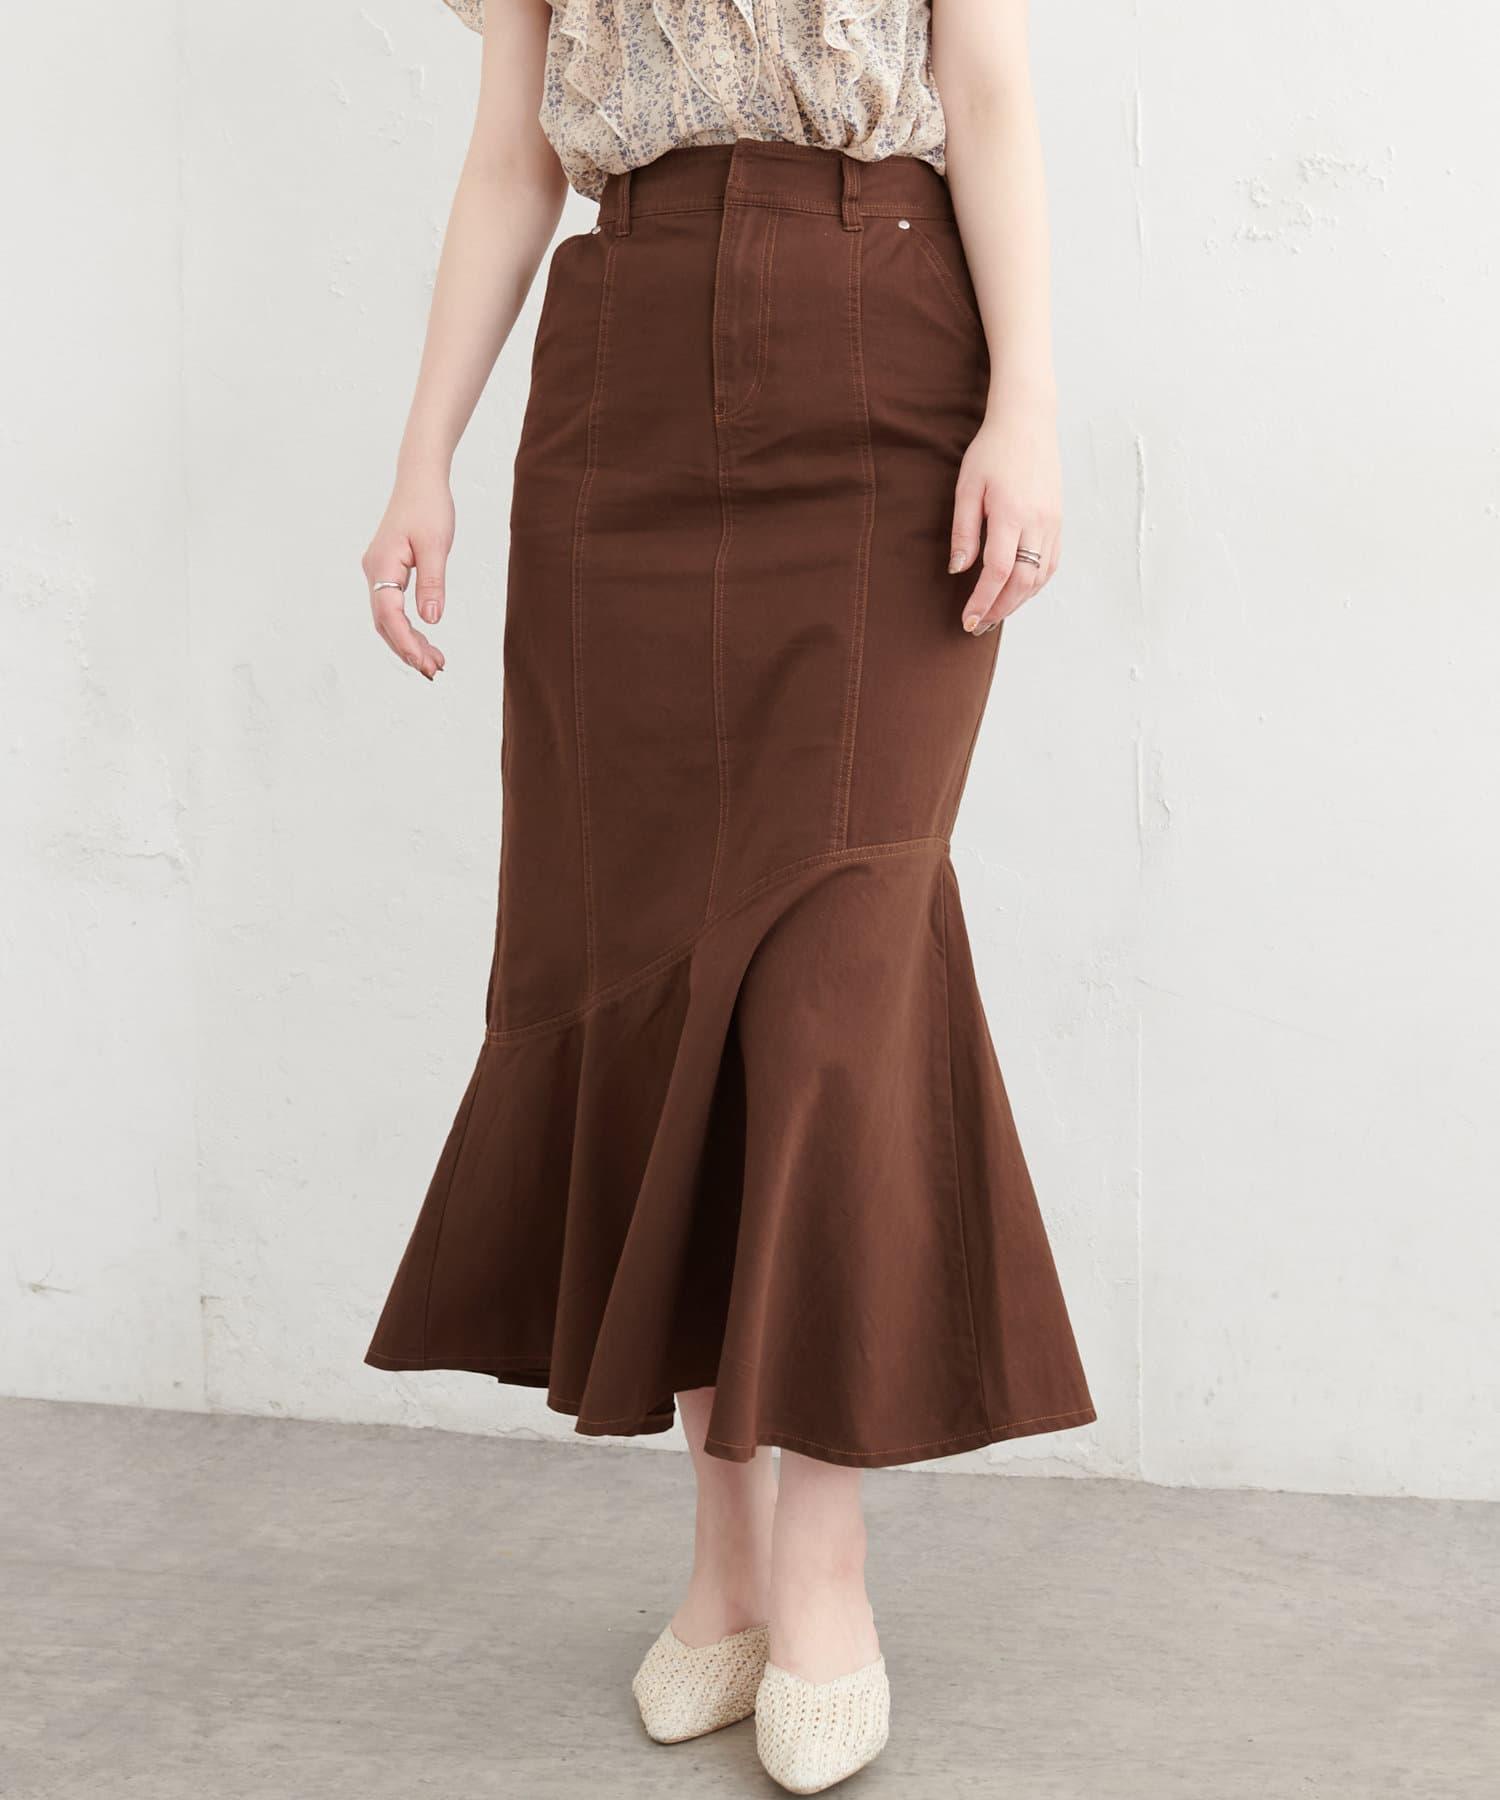 natural couture(ナチュラルクチュール) 【WEB限定】アシメフレアデニムスカート